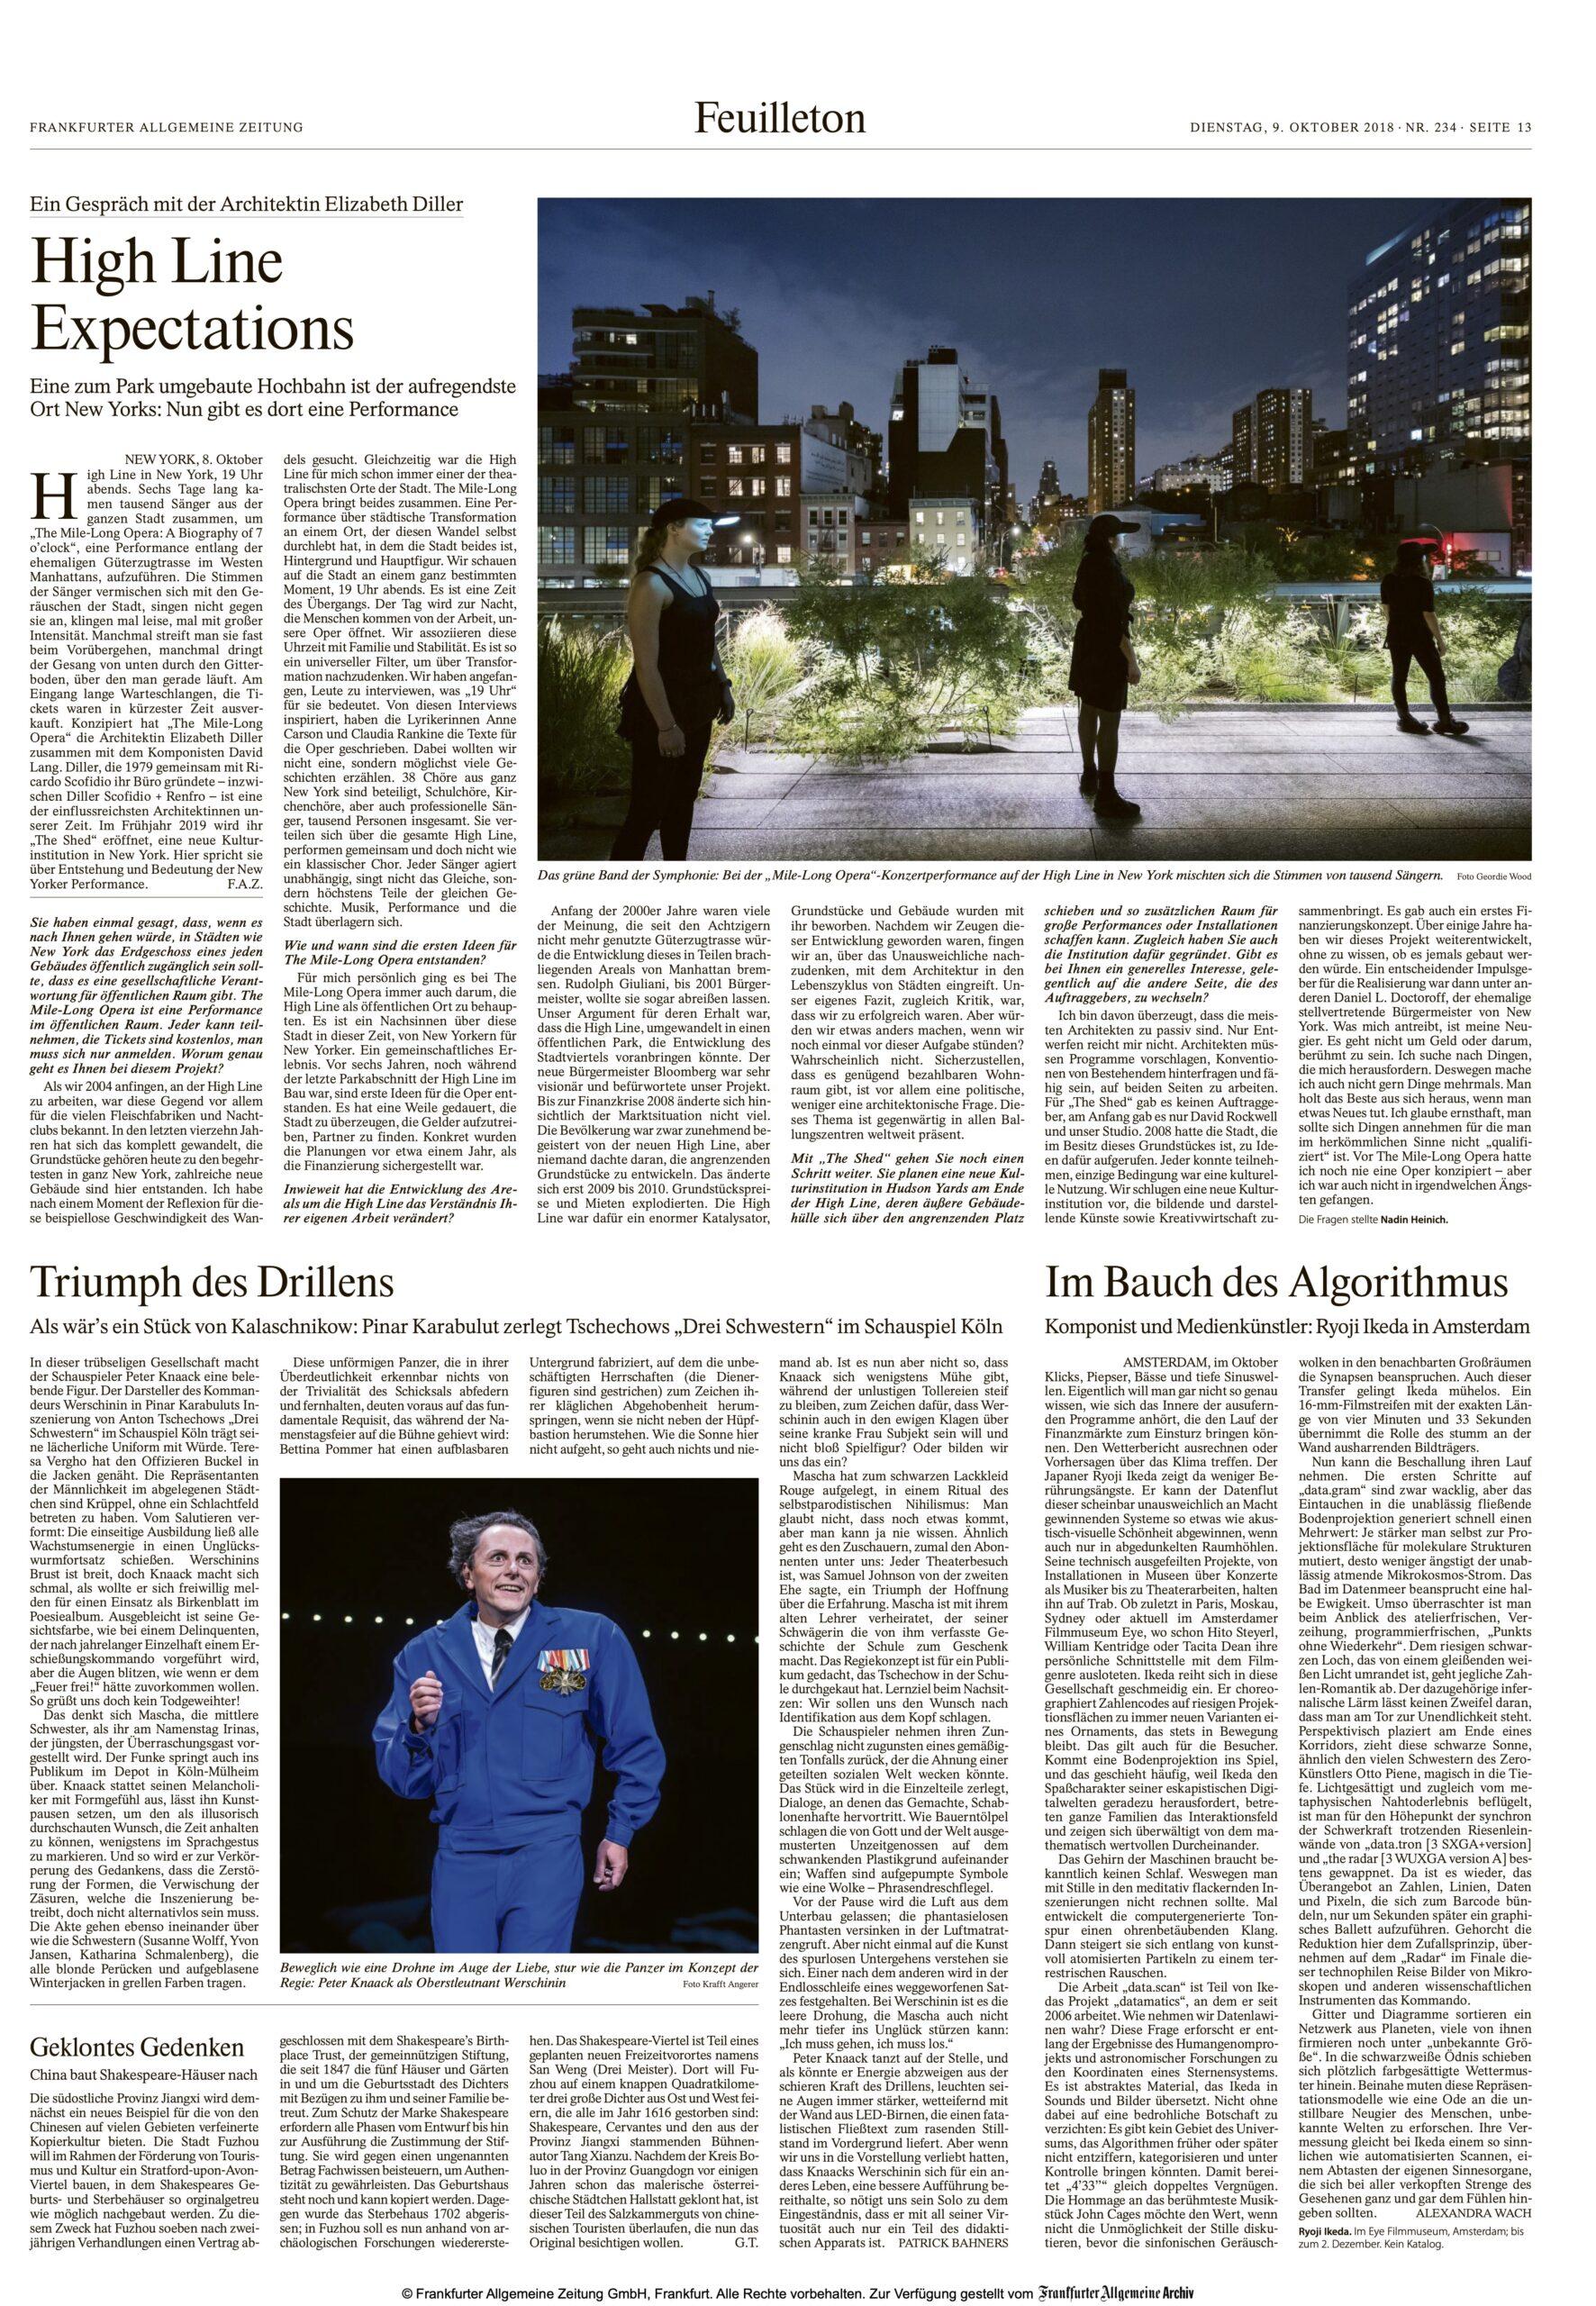 Interview Nadin Heinich mit Elizabeth Diller (Diller Scofidio + Renfro) über The Mile-Long Opera, erschienen 2018 in FAZ